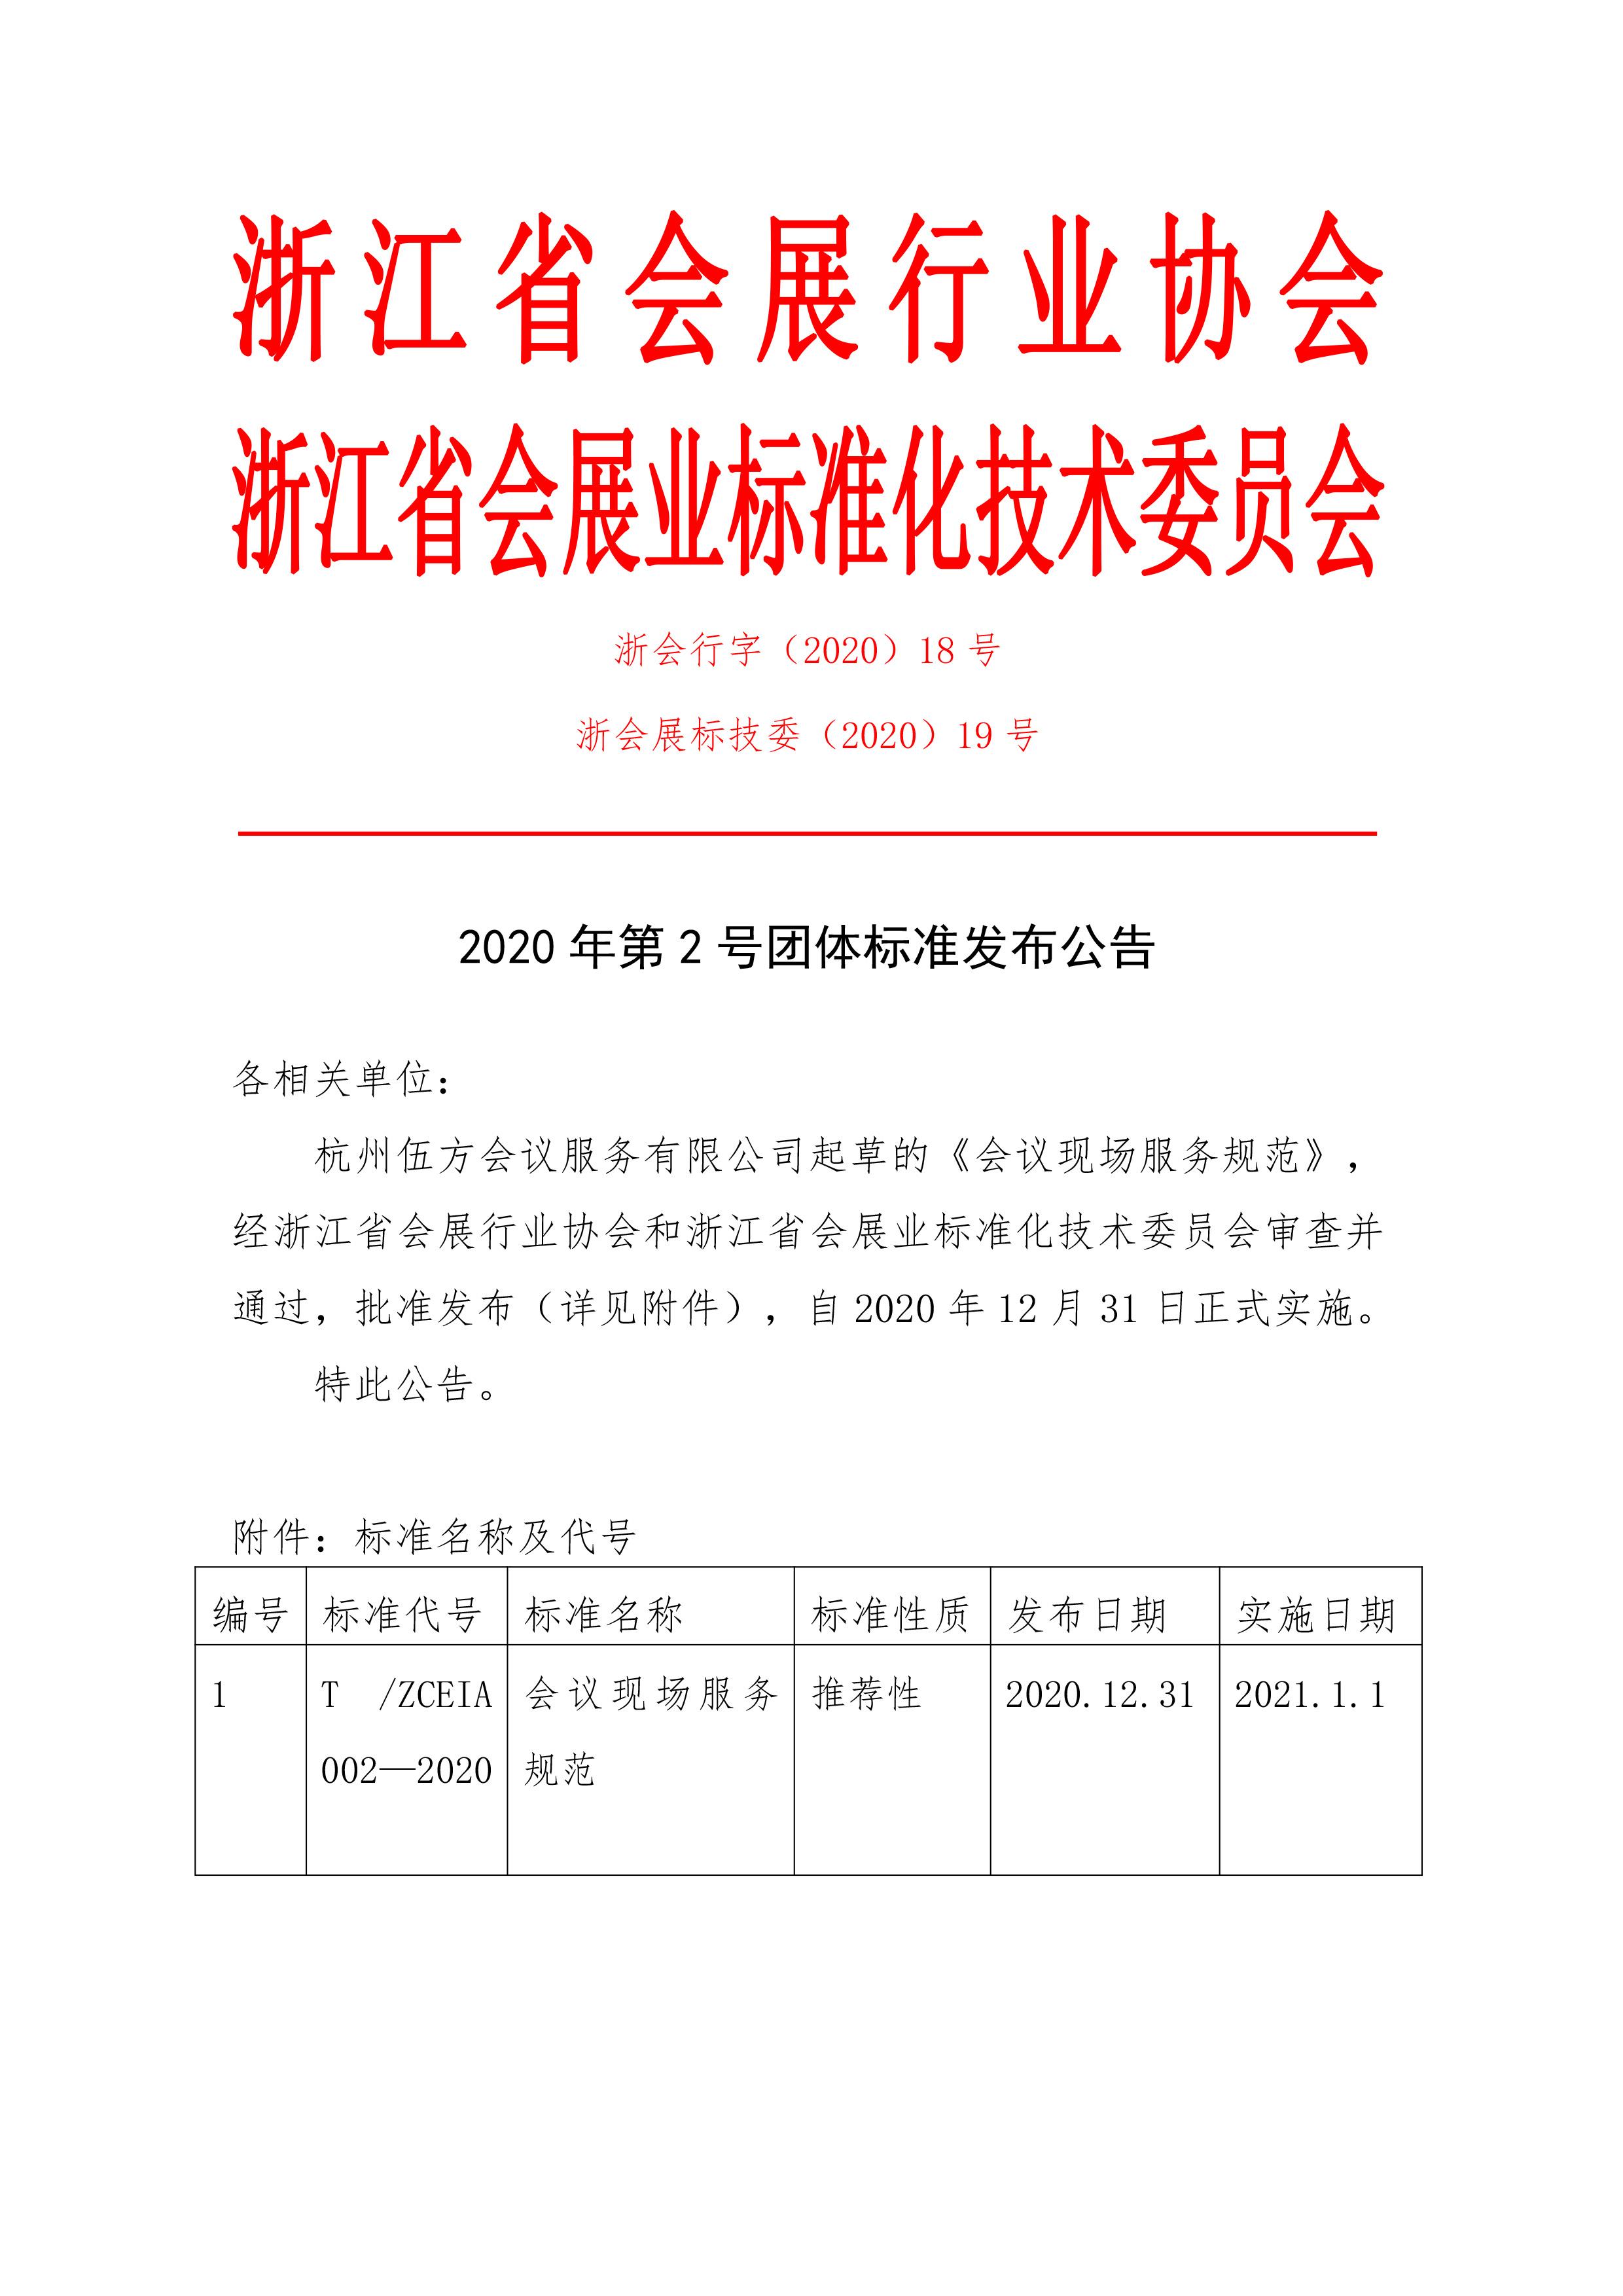 2020年第2号团体标准《会议现场服务规范》发布公告(上)